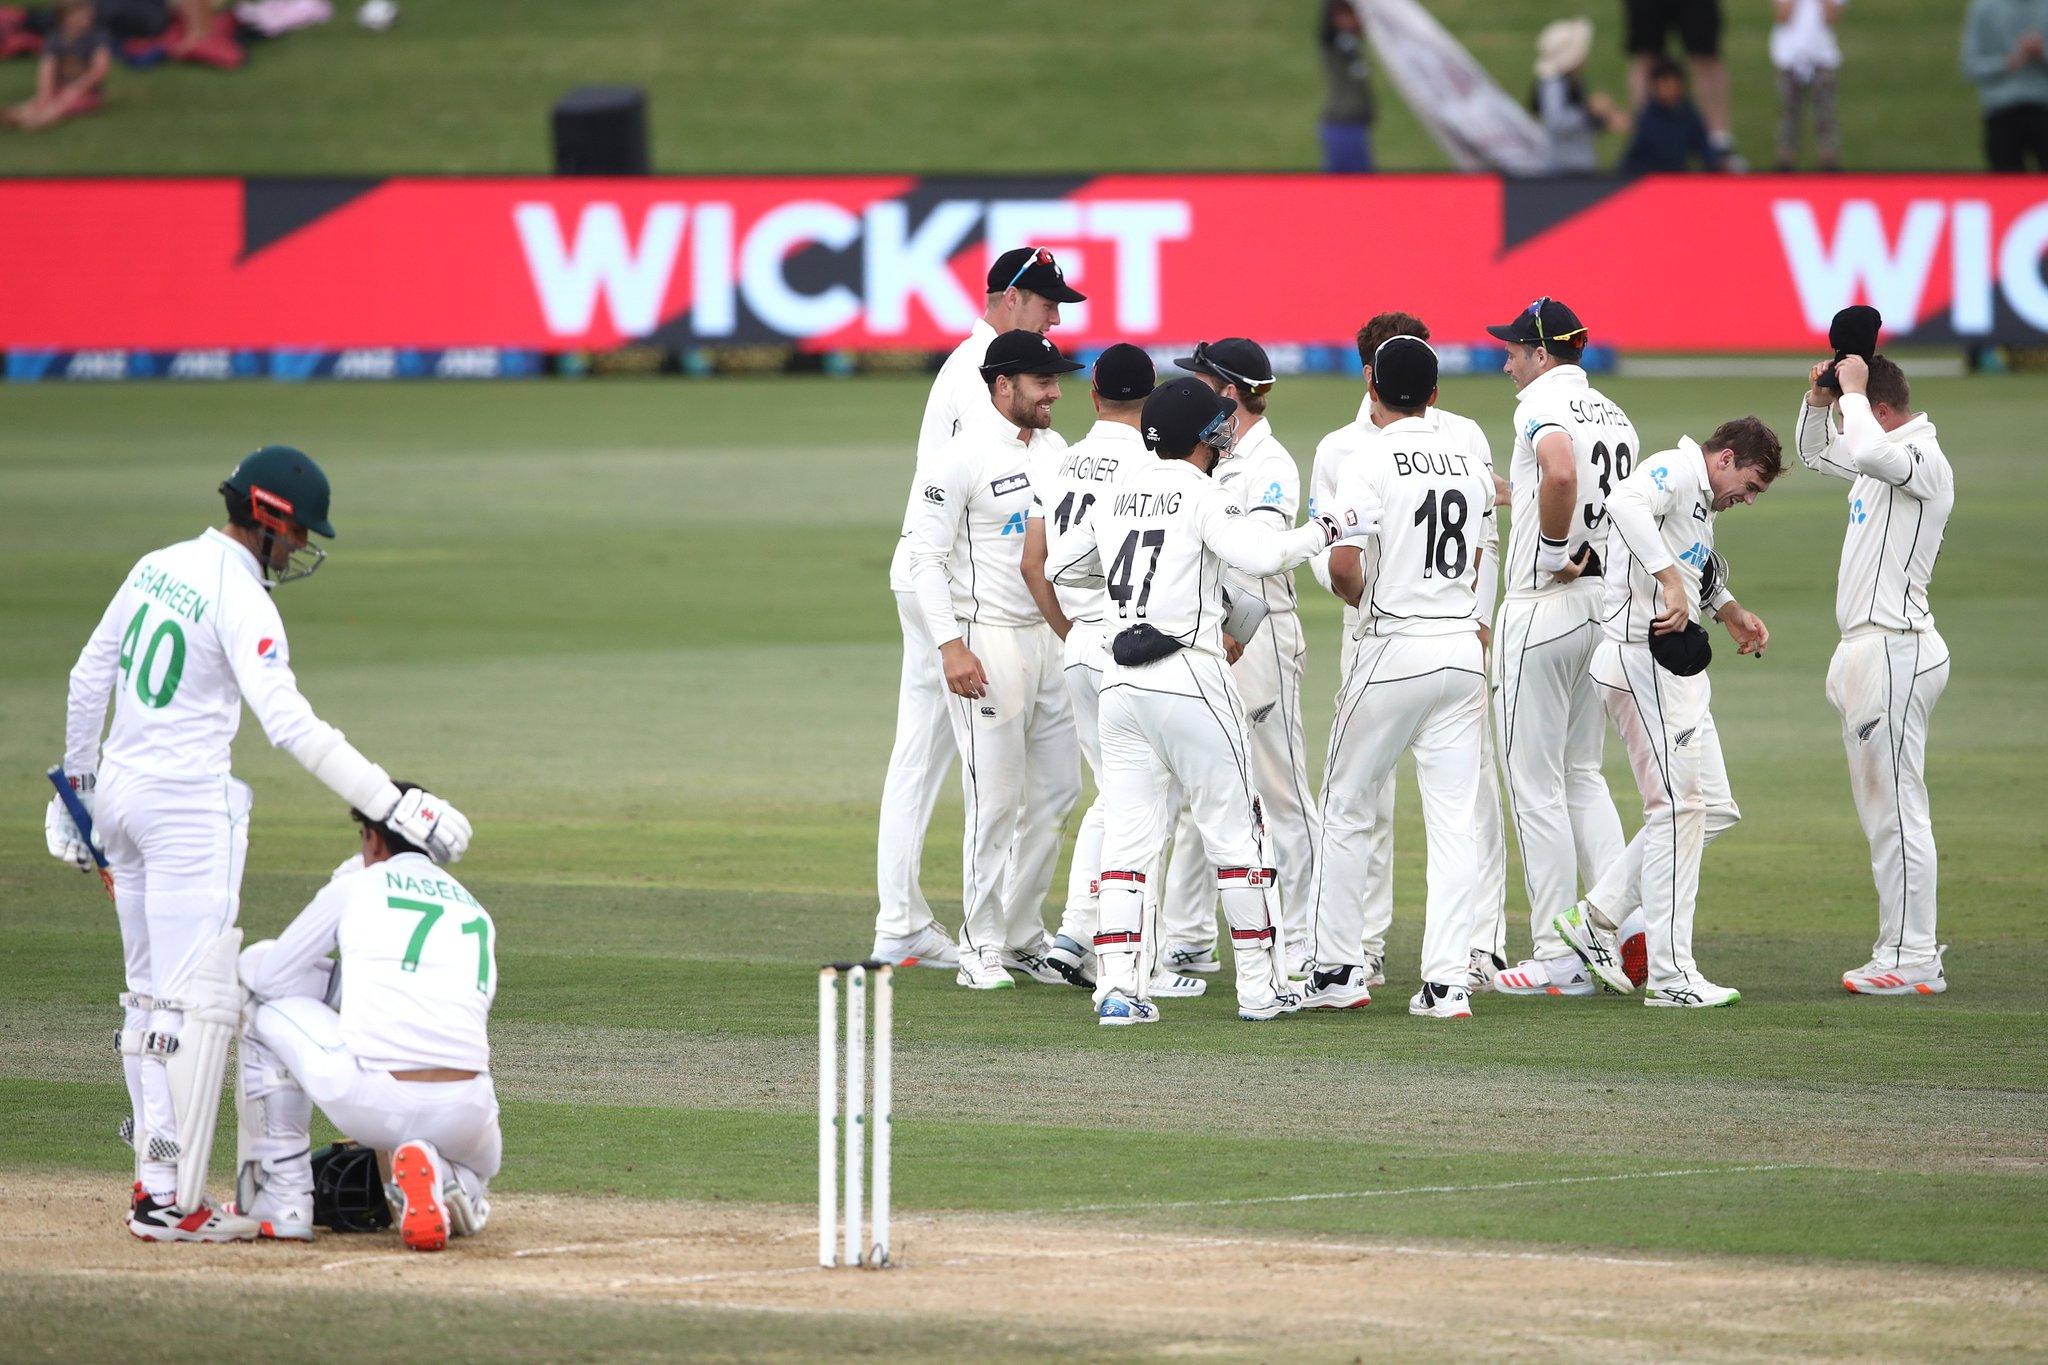 PAK VS NZ